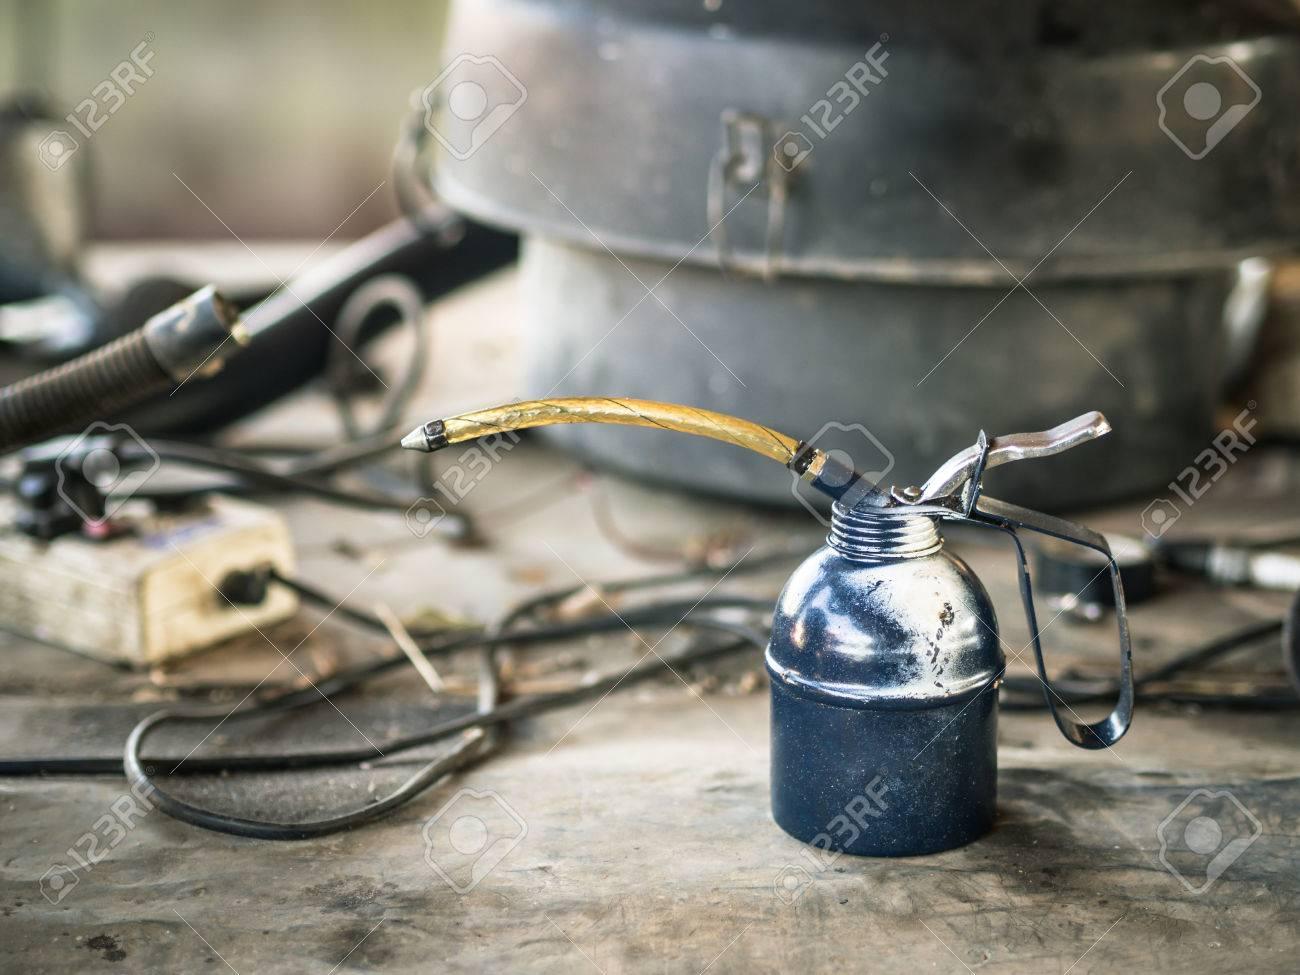 Immagini Stock Olio Puo Su Tavola Di Legno Nel Garage Image 69449769